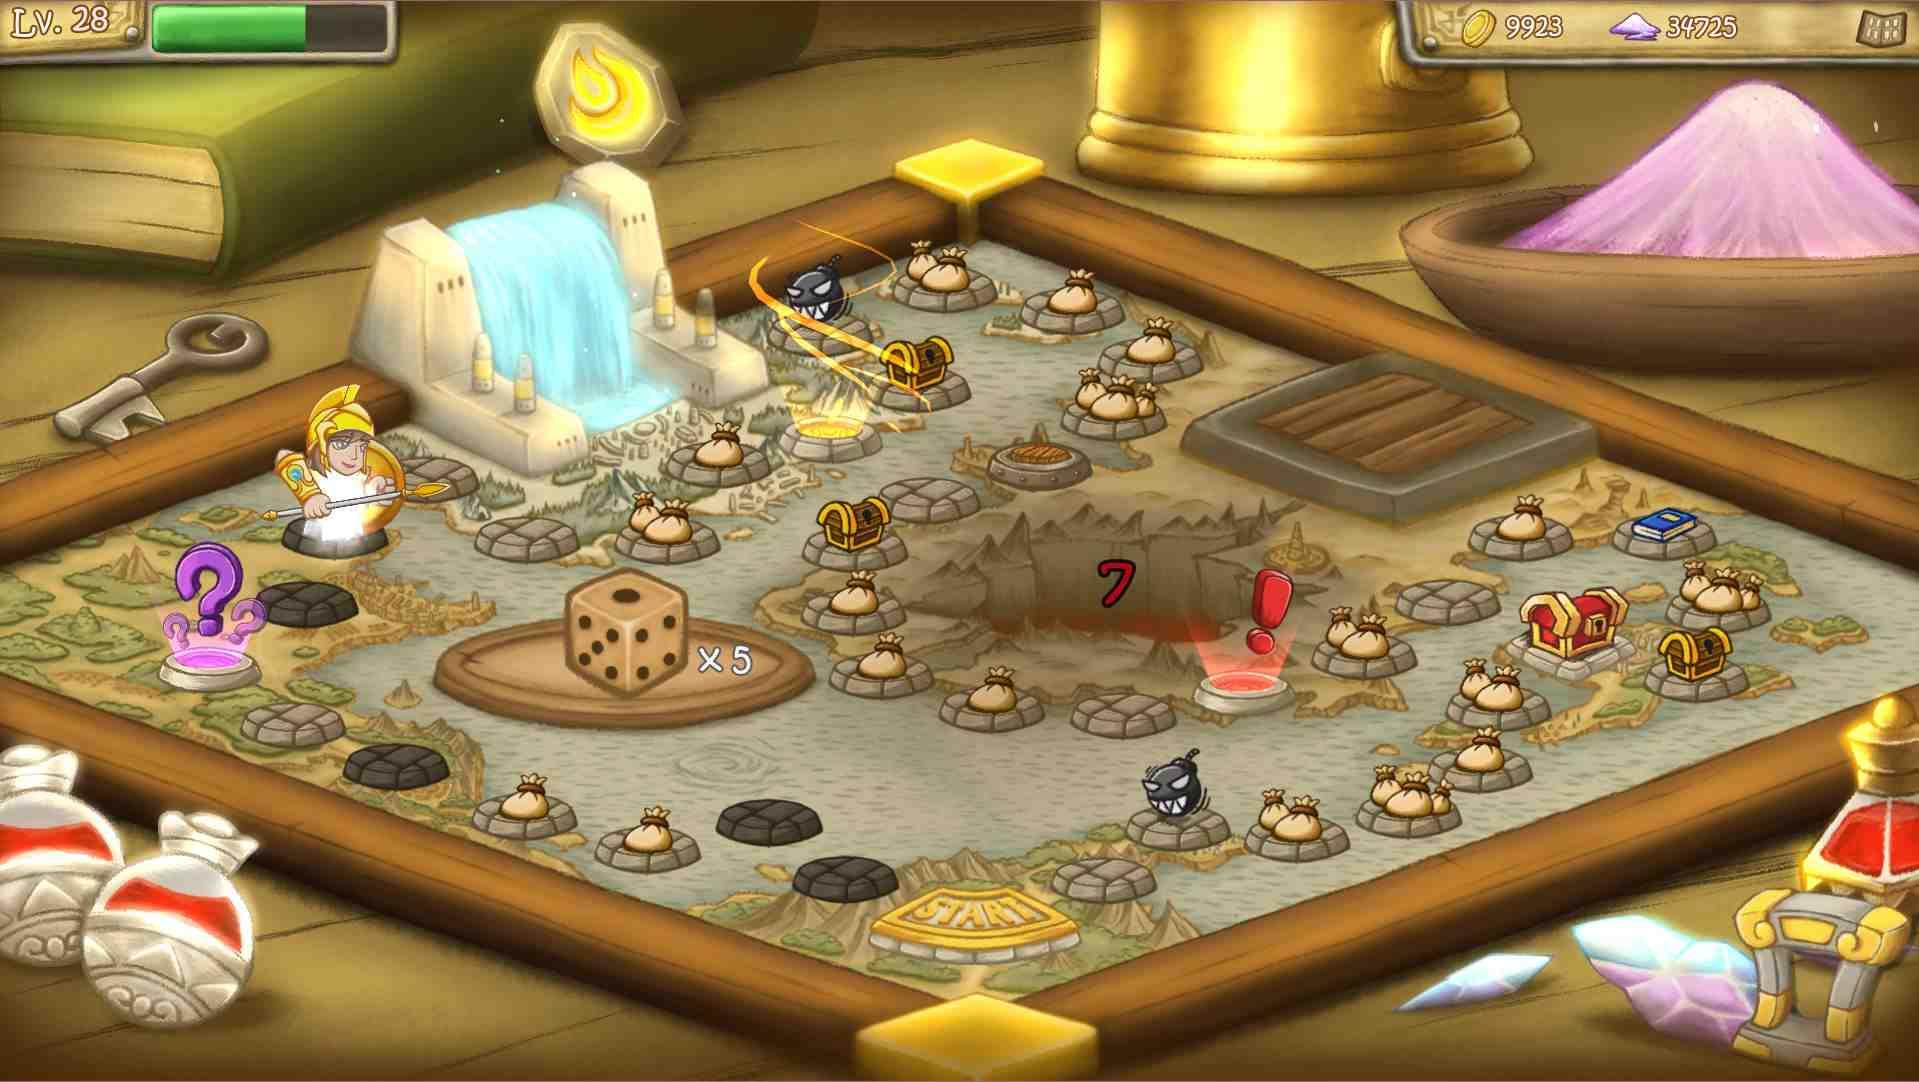 國產獨立遊戲《卡納洛克:神戰》將於五月二十六日於Steam搶先上市。